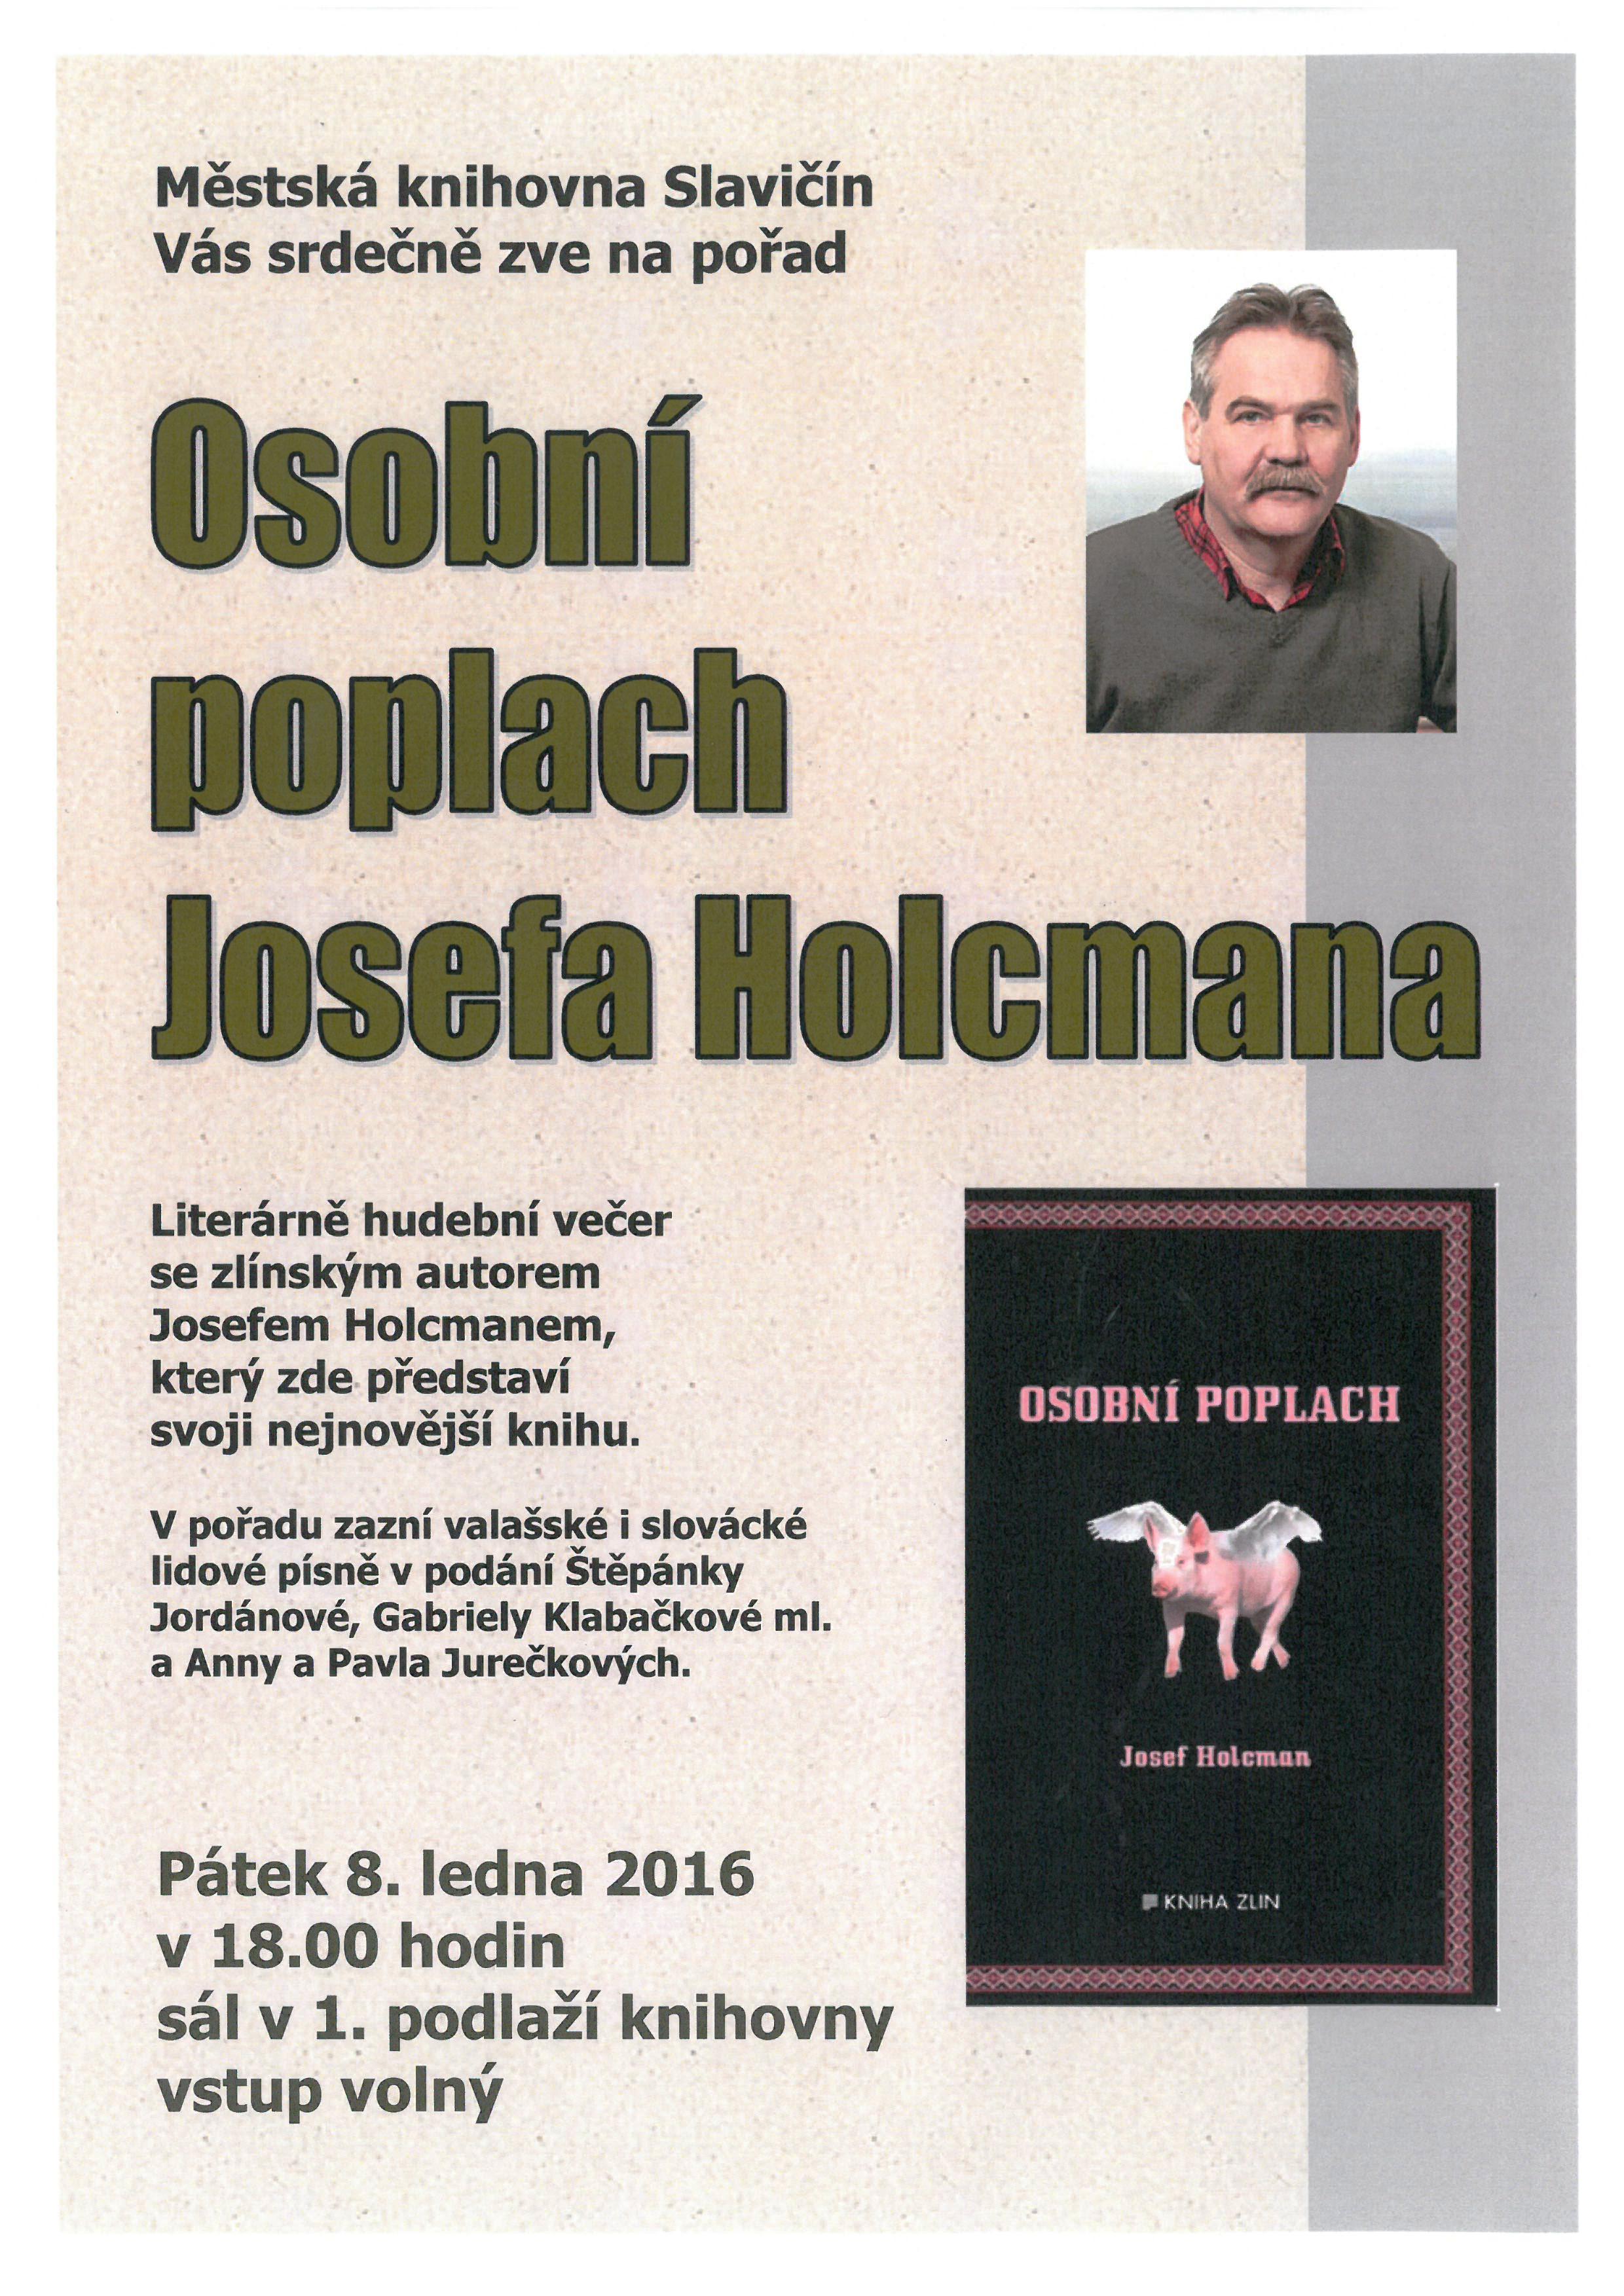 Osobní poplach Josefa Holcmana 2016, obrázek se otevře v novém okně